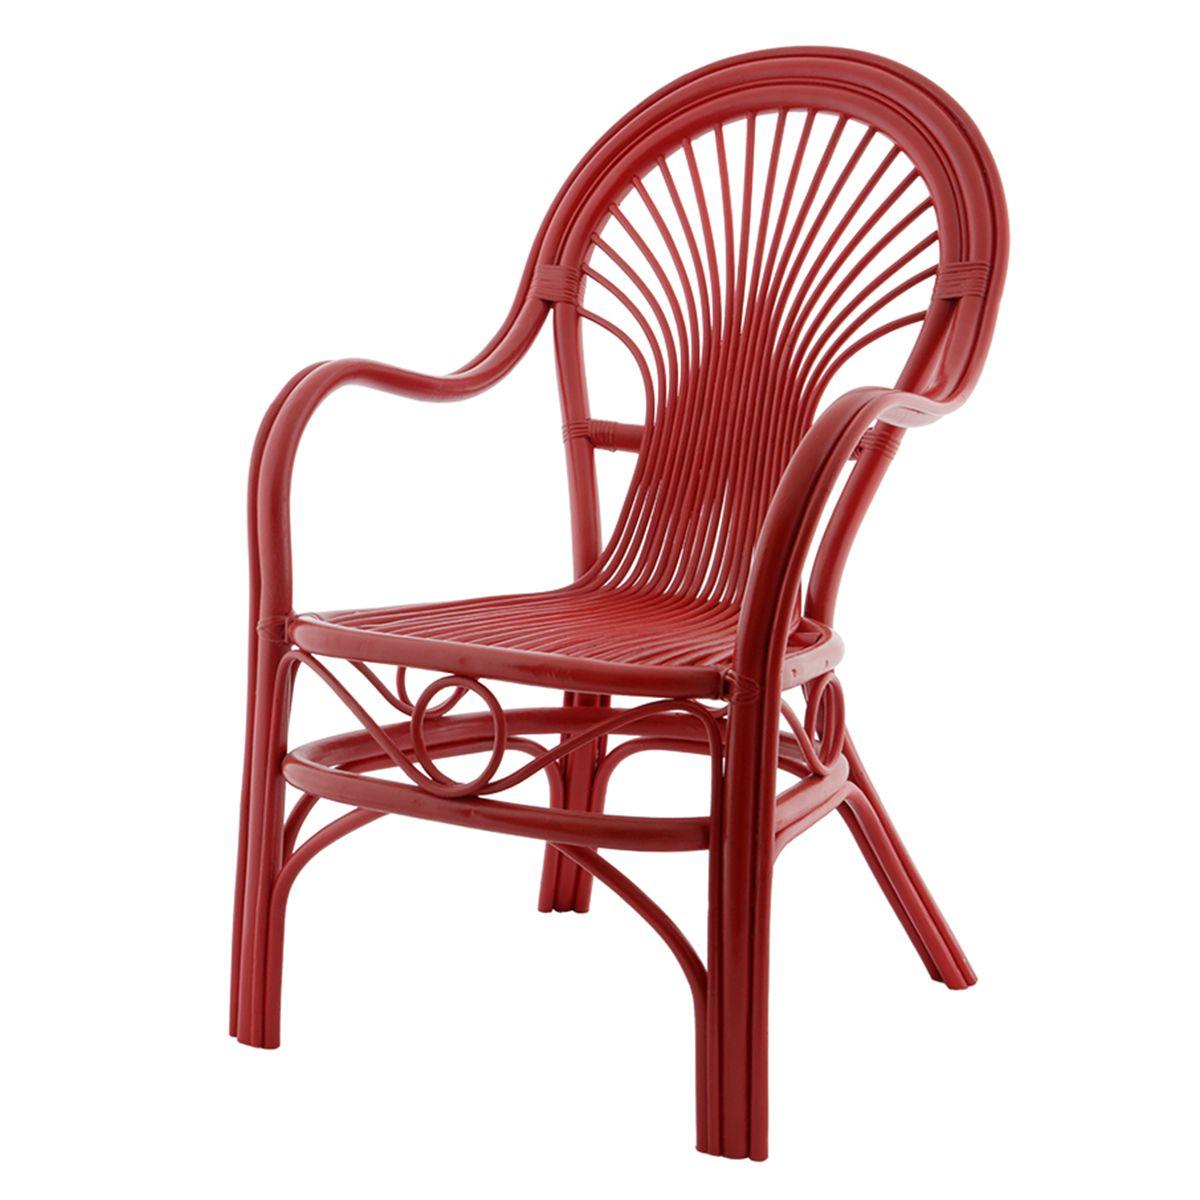 Fauteuil roméo rouge rotin fauteuil de détente Rotin Design | La